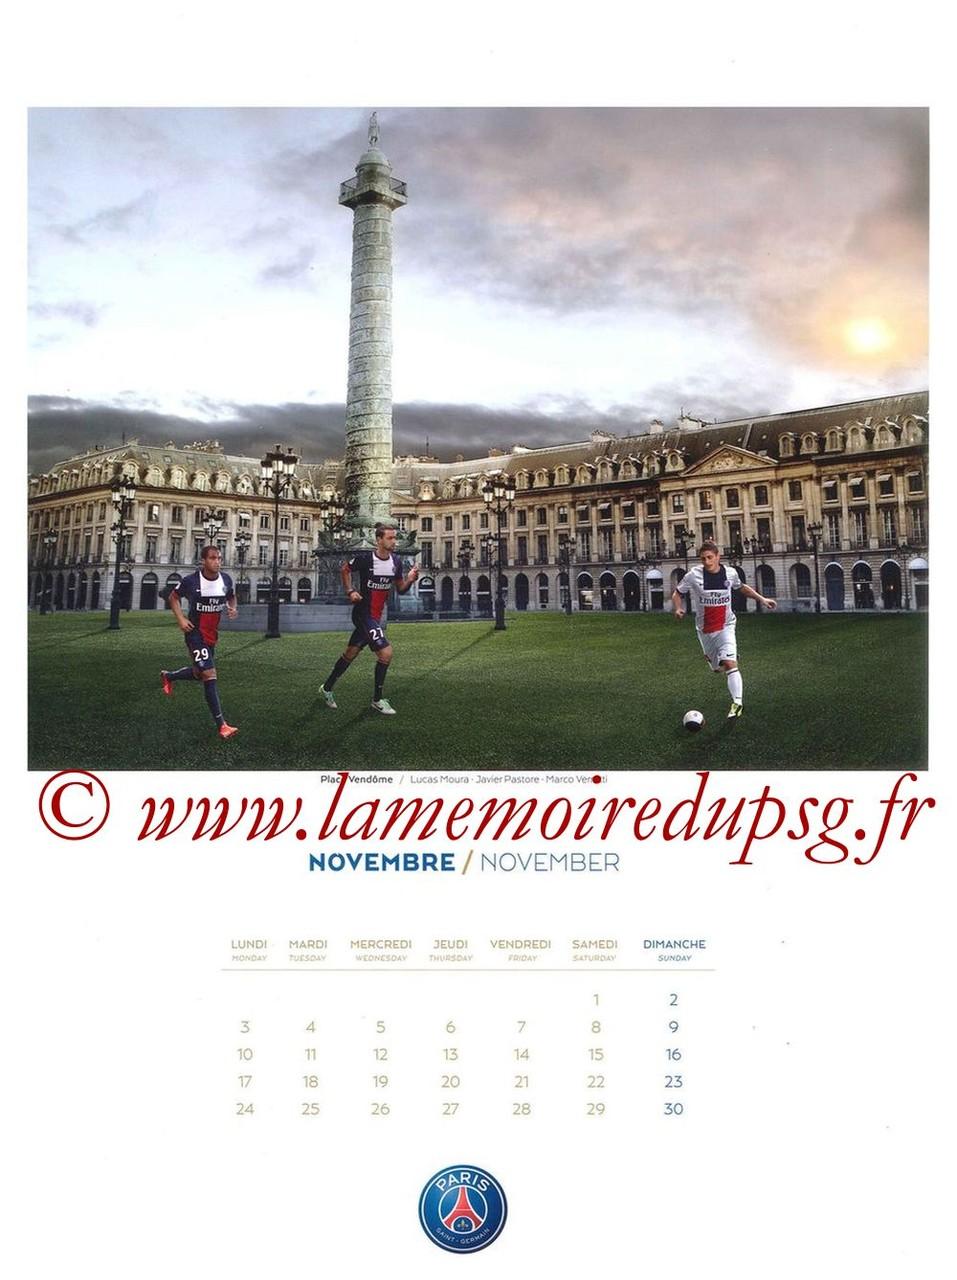 Calendrier PSG 2014 - Page 11 - Place Vendôme